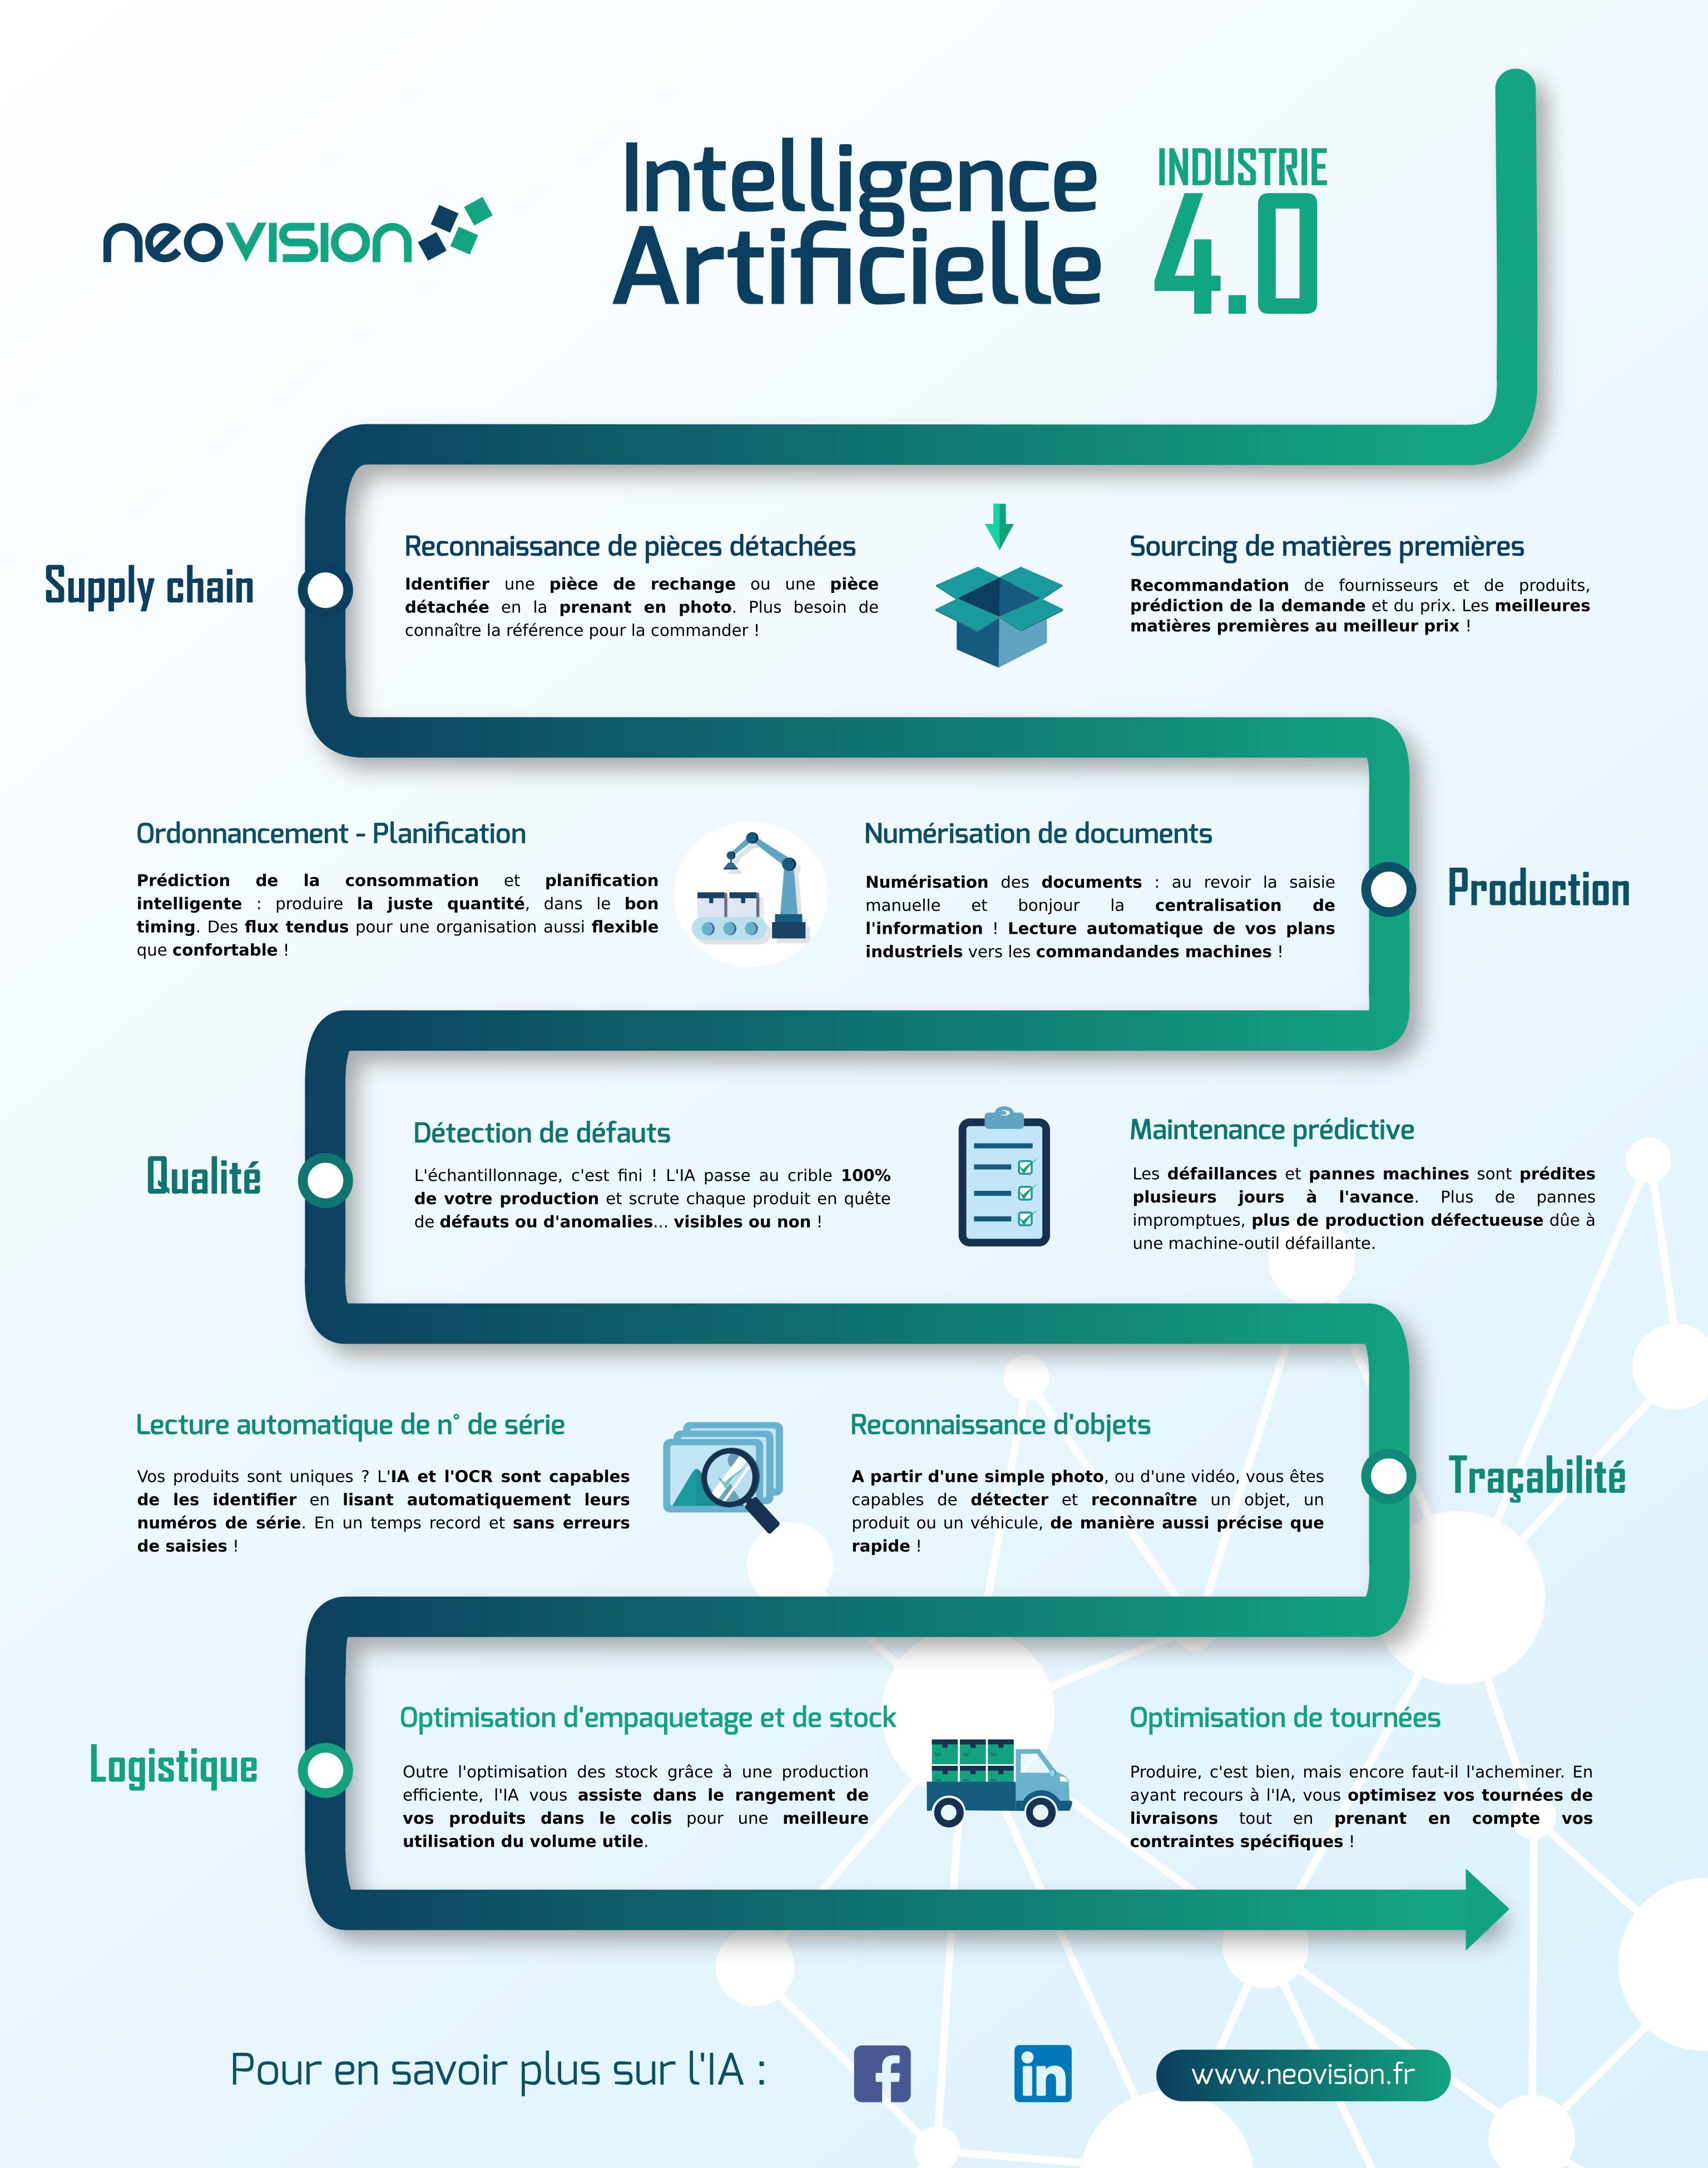 Infographie présentant les application de l'IA en industrie